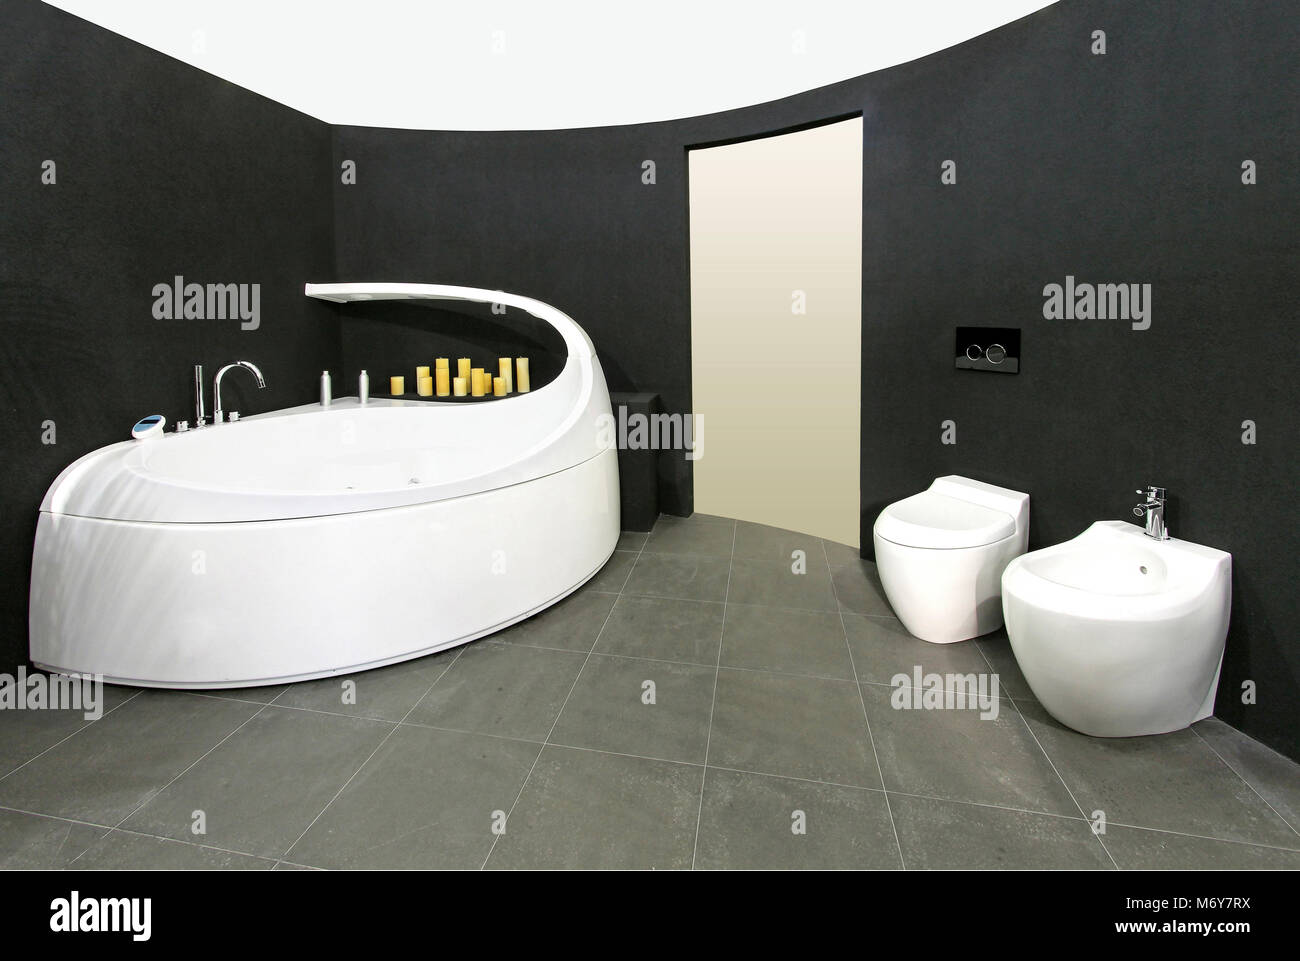 Vasca Da Bagno Oversize : Vasca da bagno grande